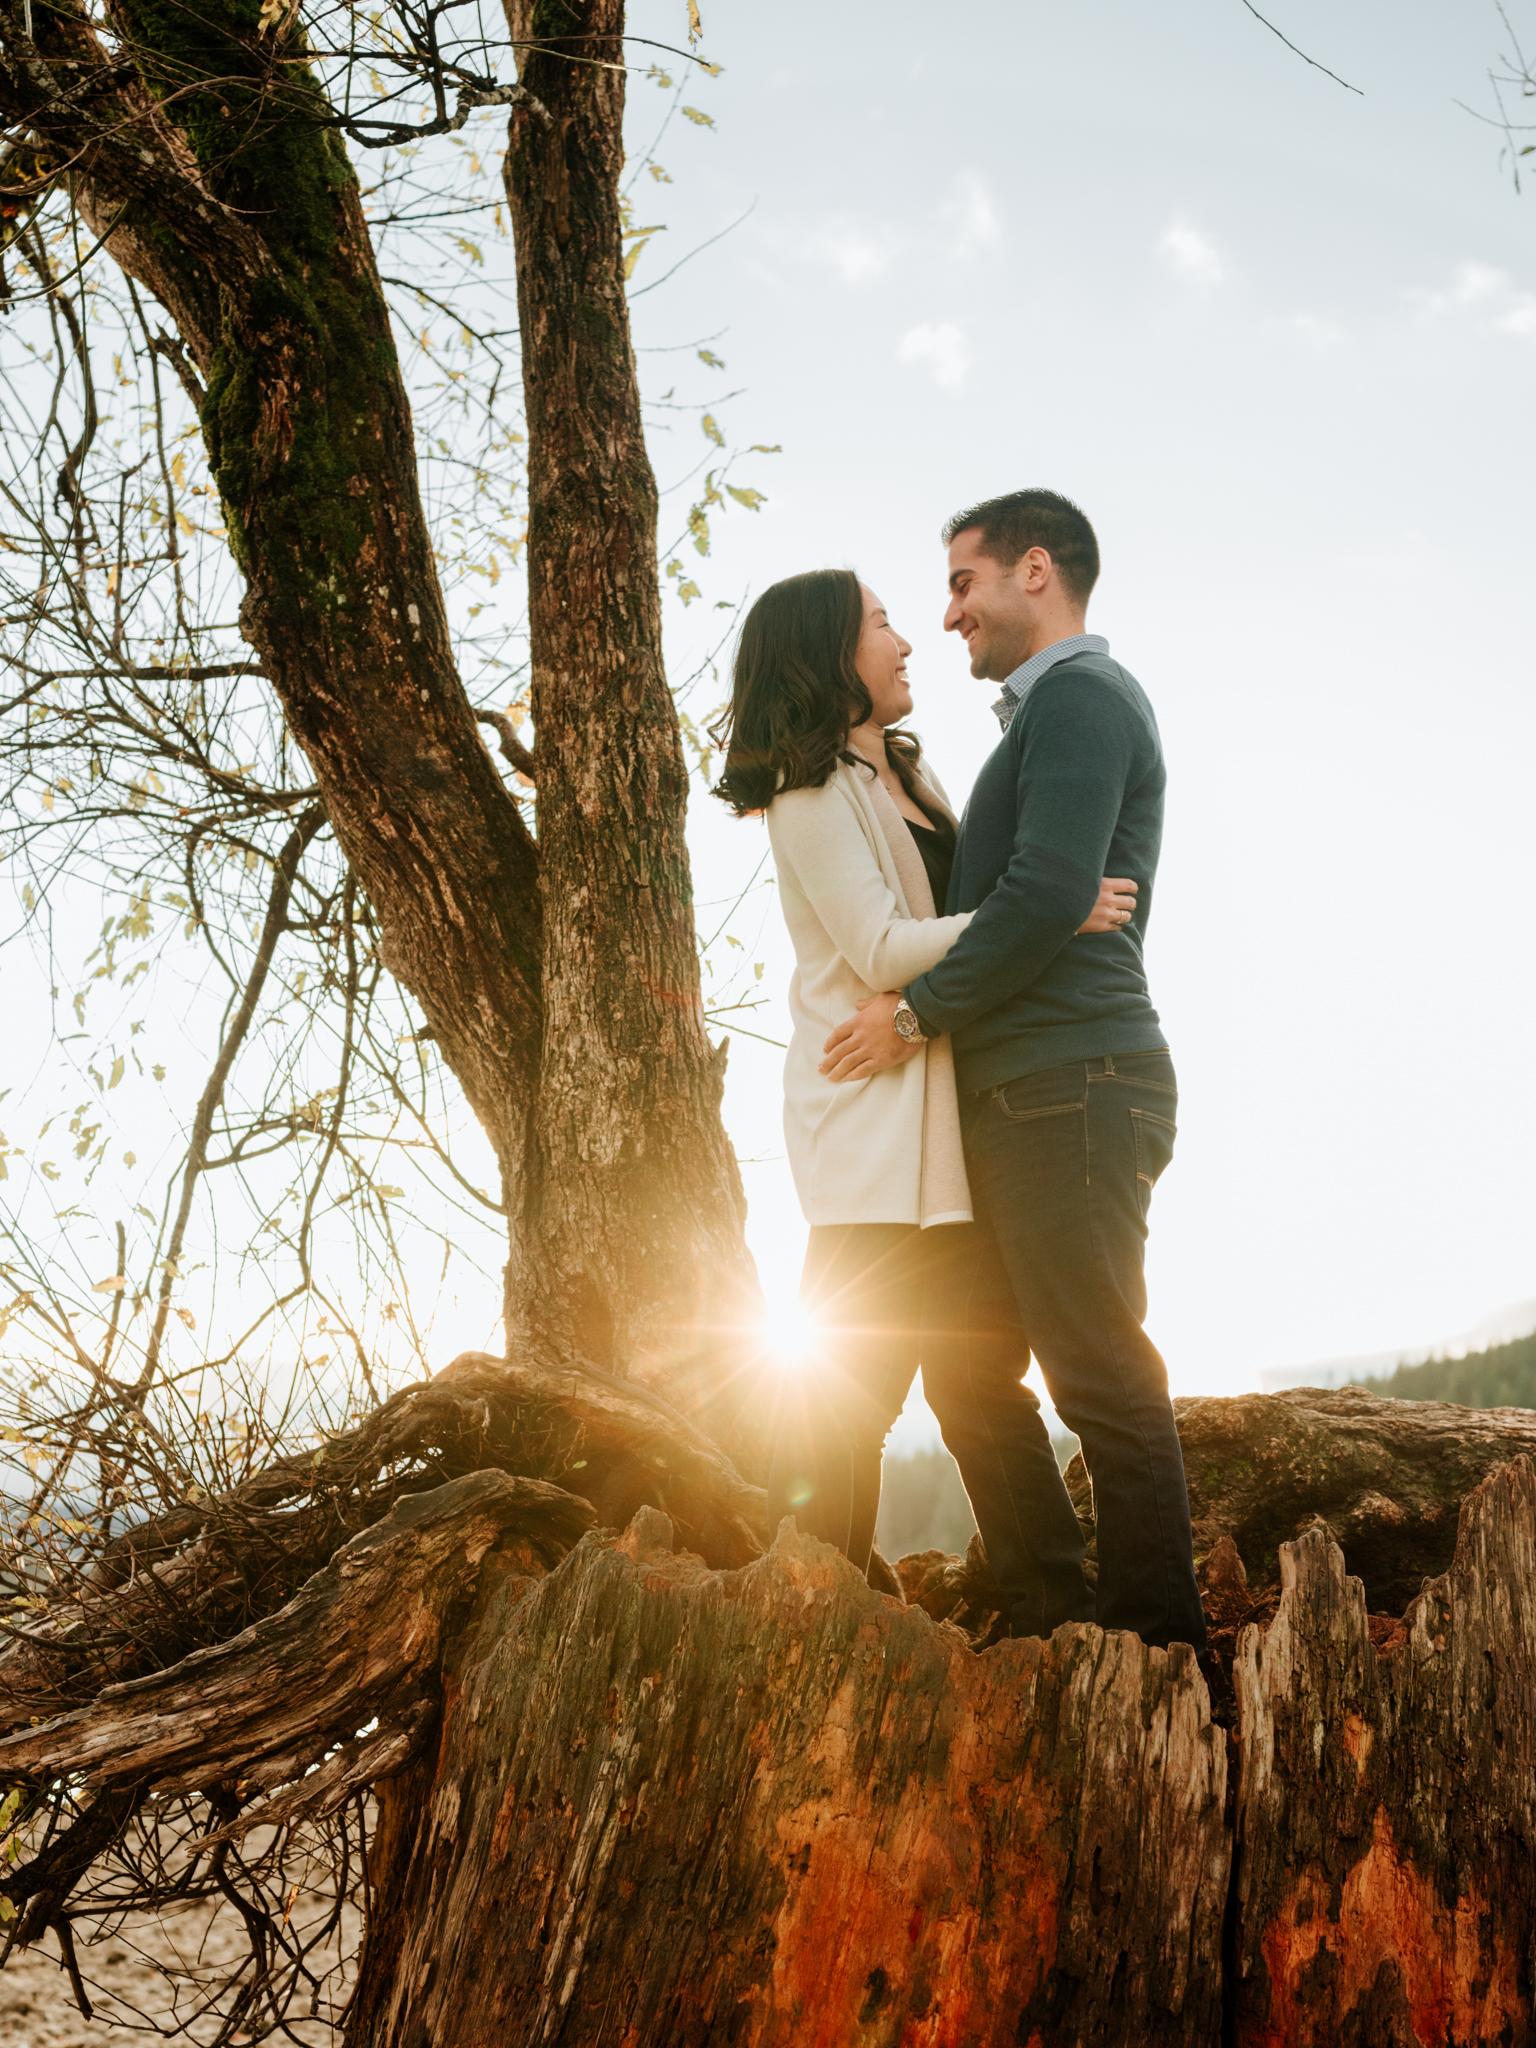 Seattle Engagement Photographer_Stolen Glimpses 25.jpg